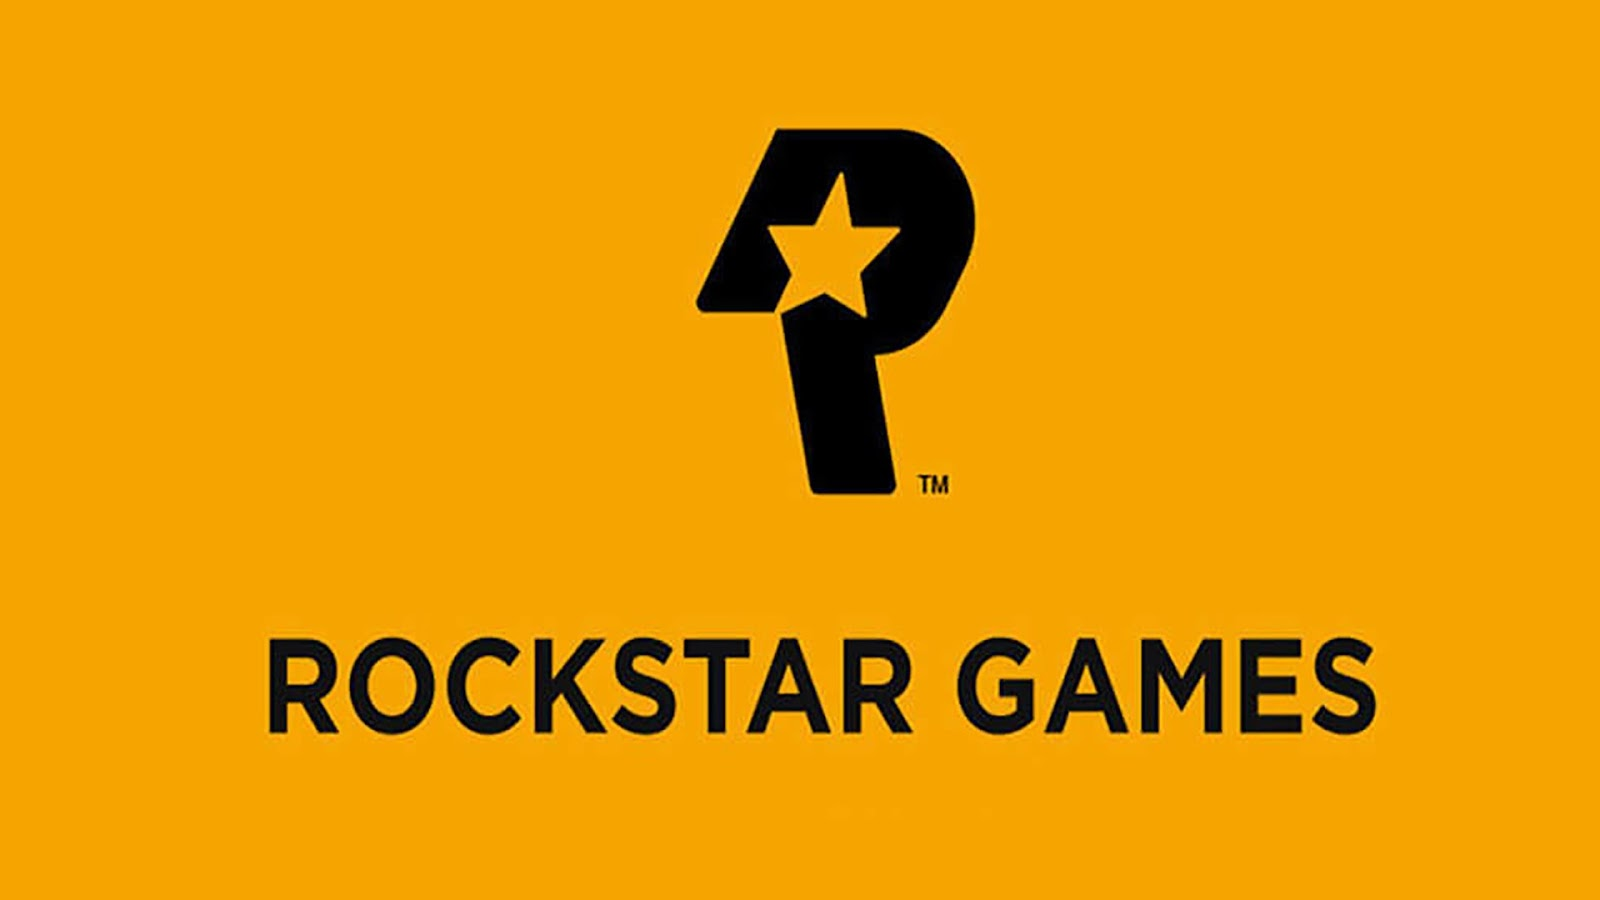 Rockstar Games Erişim Sorunları Yaşıyor - Oyuncu Bülteni